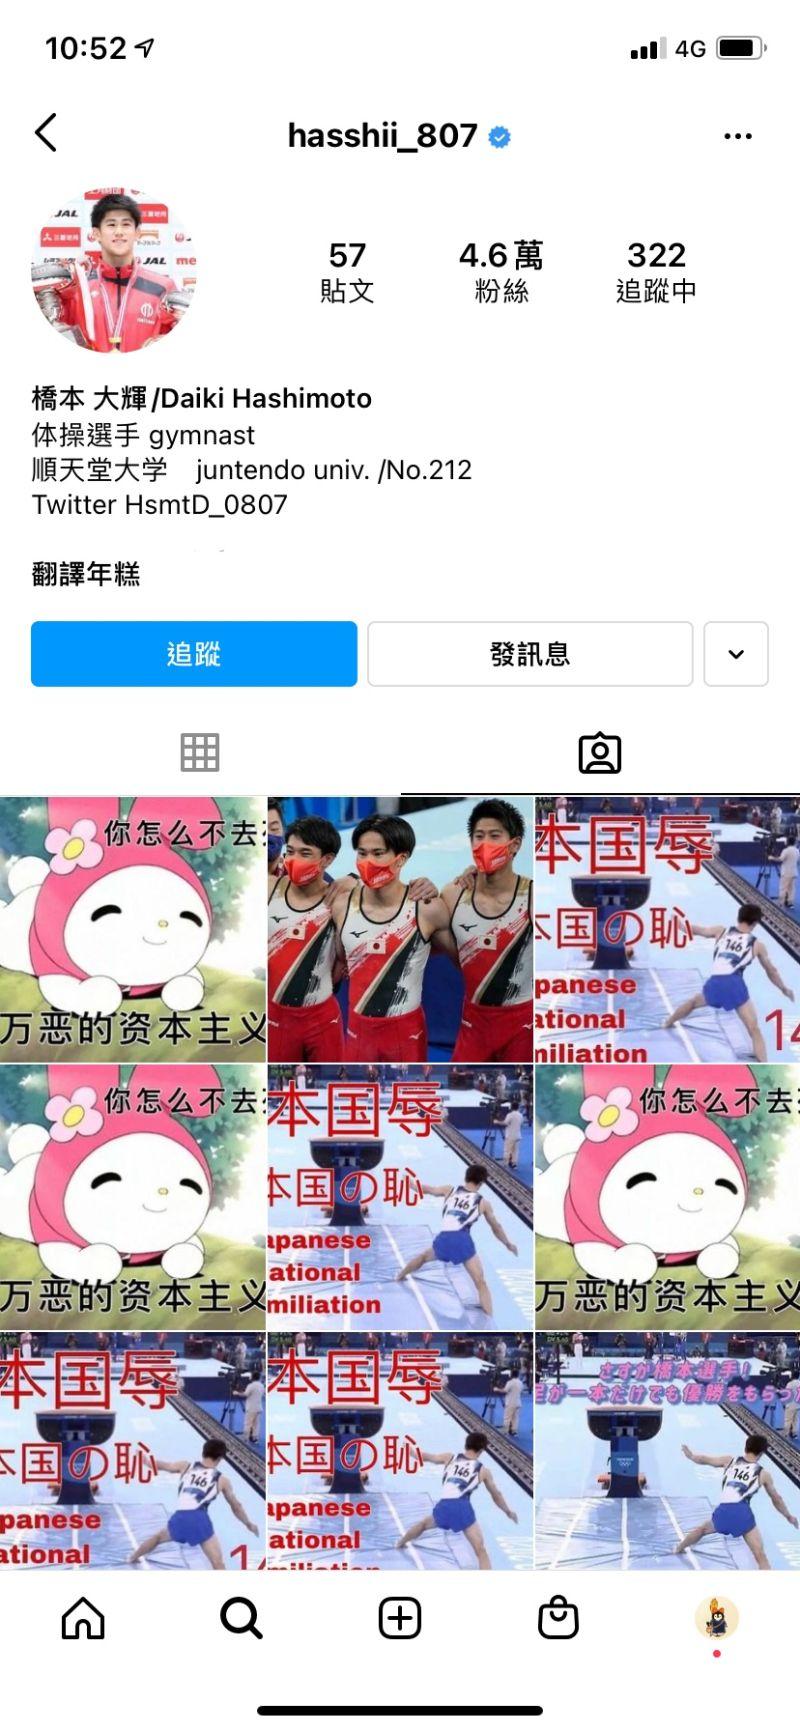 ▲按進橋本大輝的Instagram頁面,就會看到滿滿的中國網友辱罵圖片。(圖/翻攝自橋本大輝Instagram)